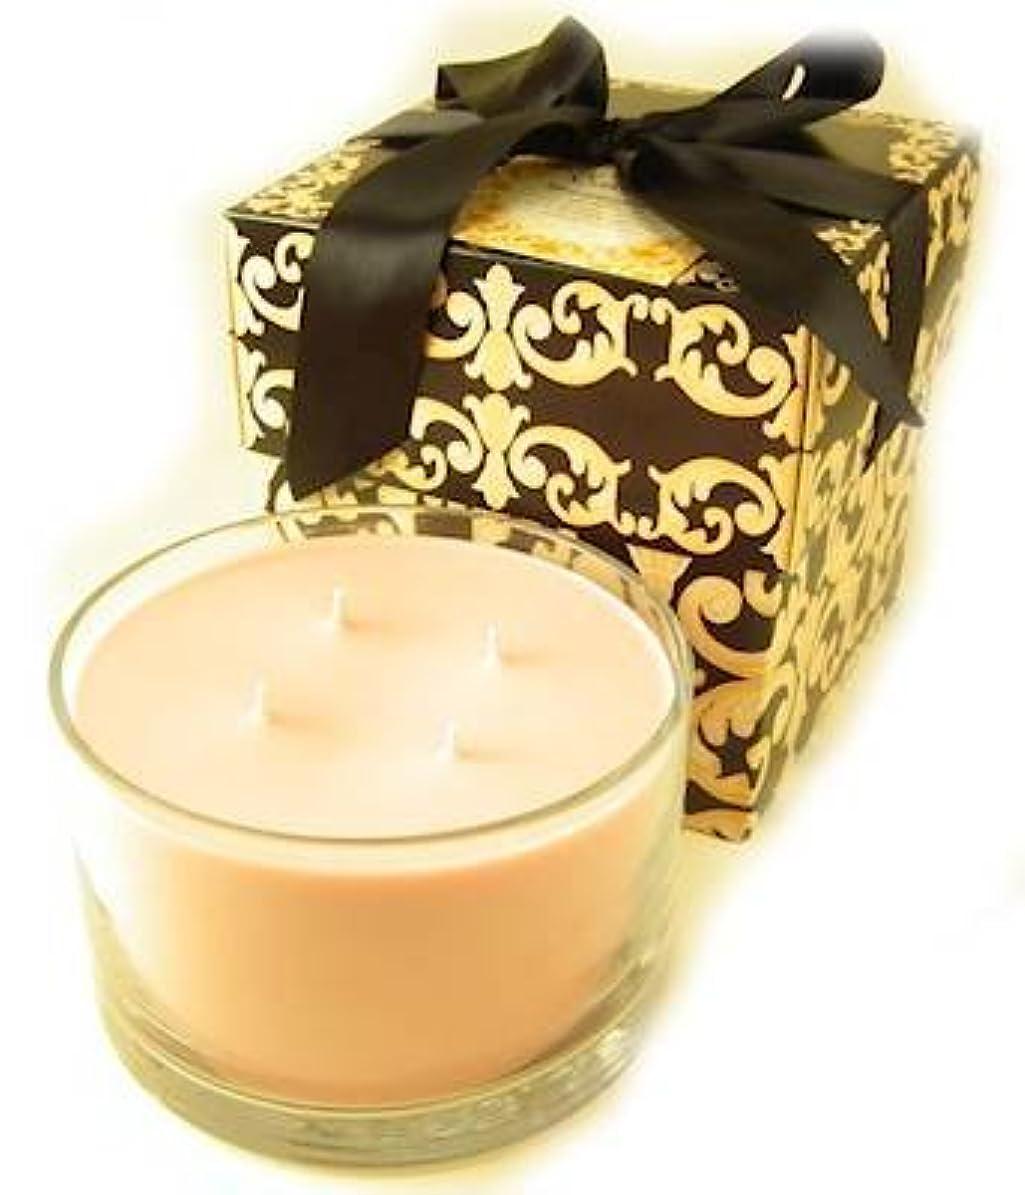 商標フィクション全体BLESS YOUR HEART - EXCLUSIVE TYLER 1180ml 4-Wick Scented Jar Candle